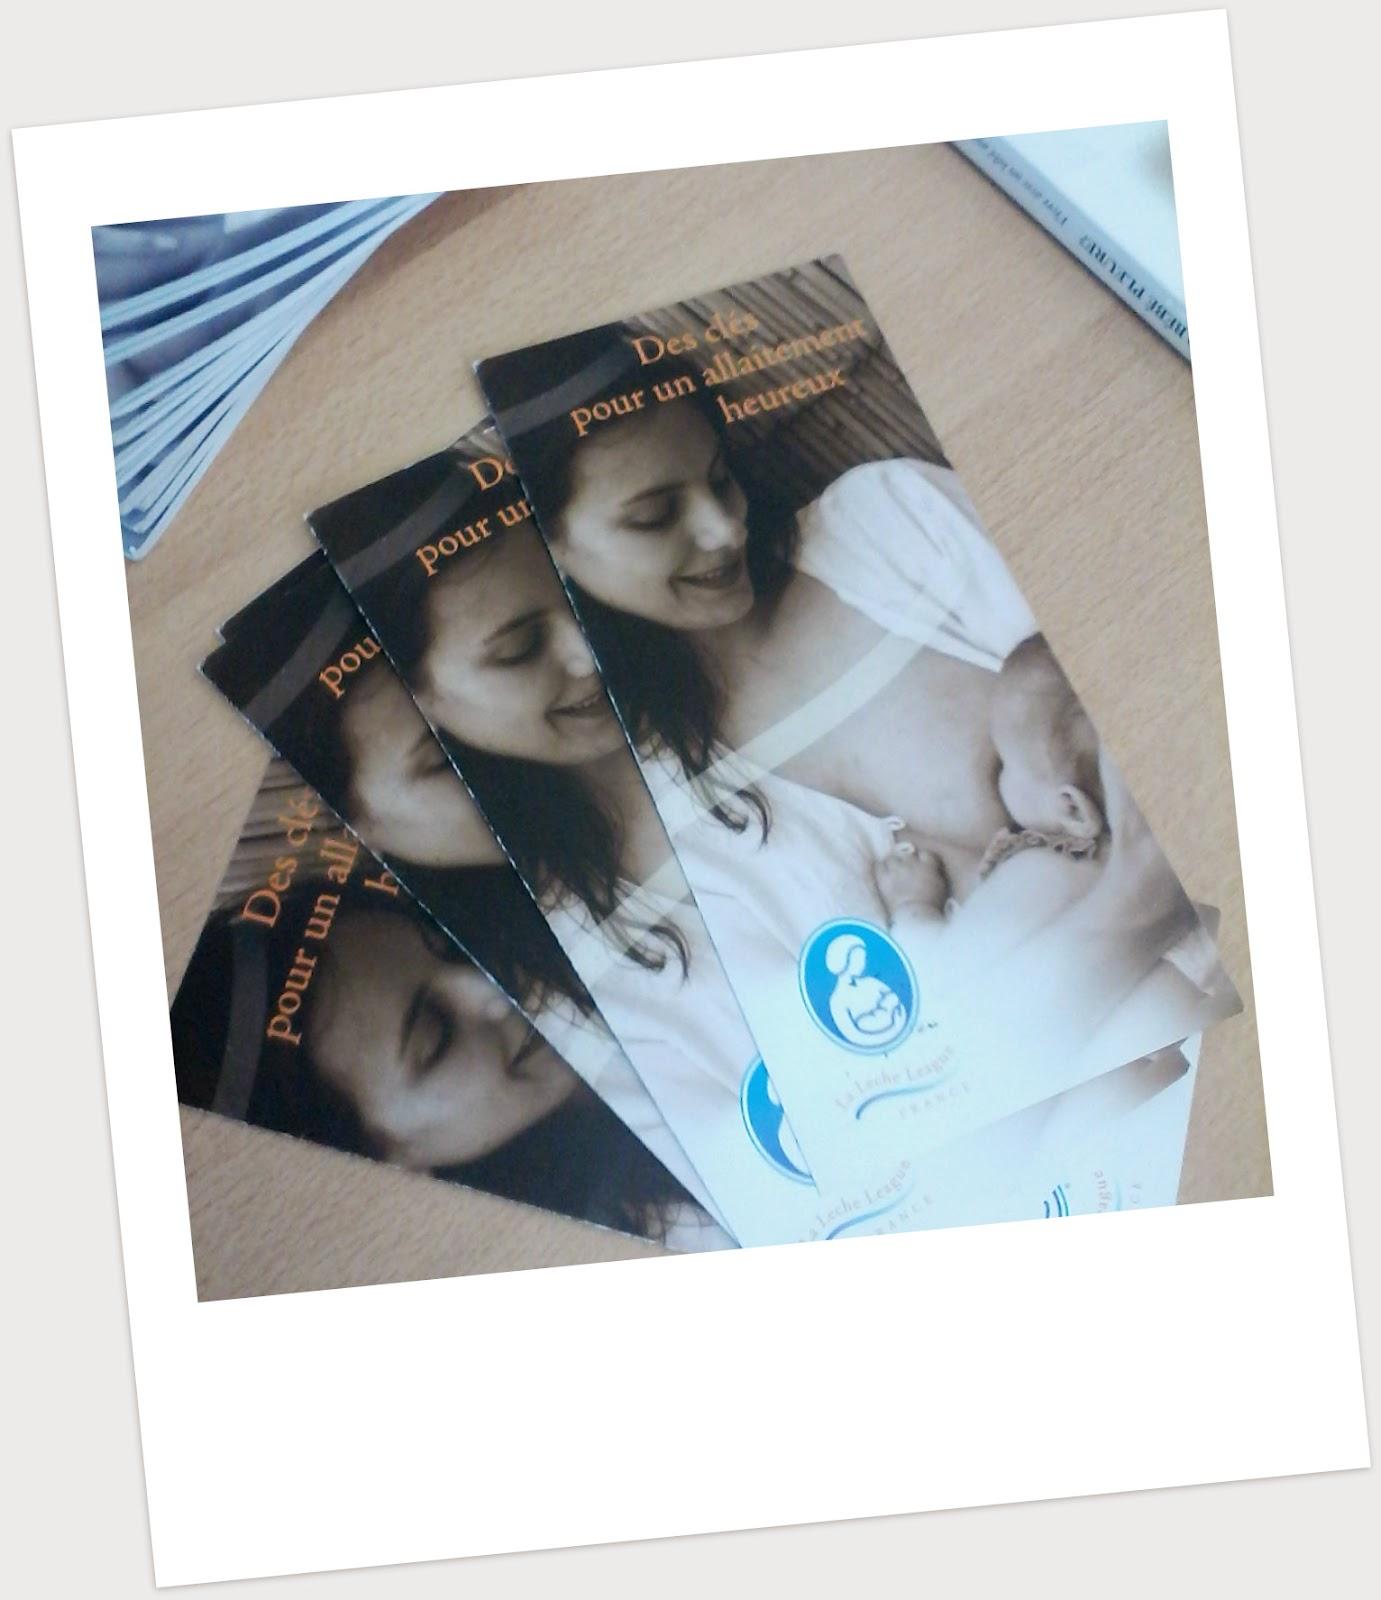 4e8893d6a98 LLL leche league réunion allaitement entraide soutien bénévole maternage  allaiter